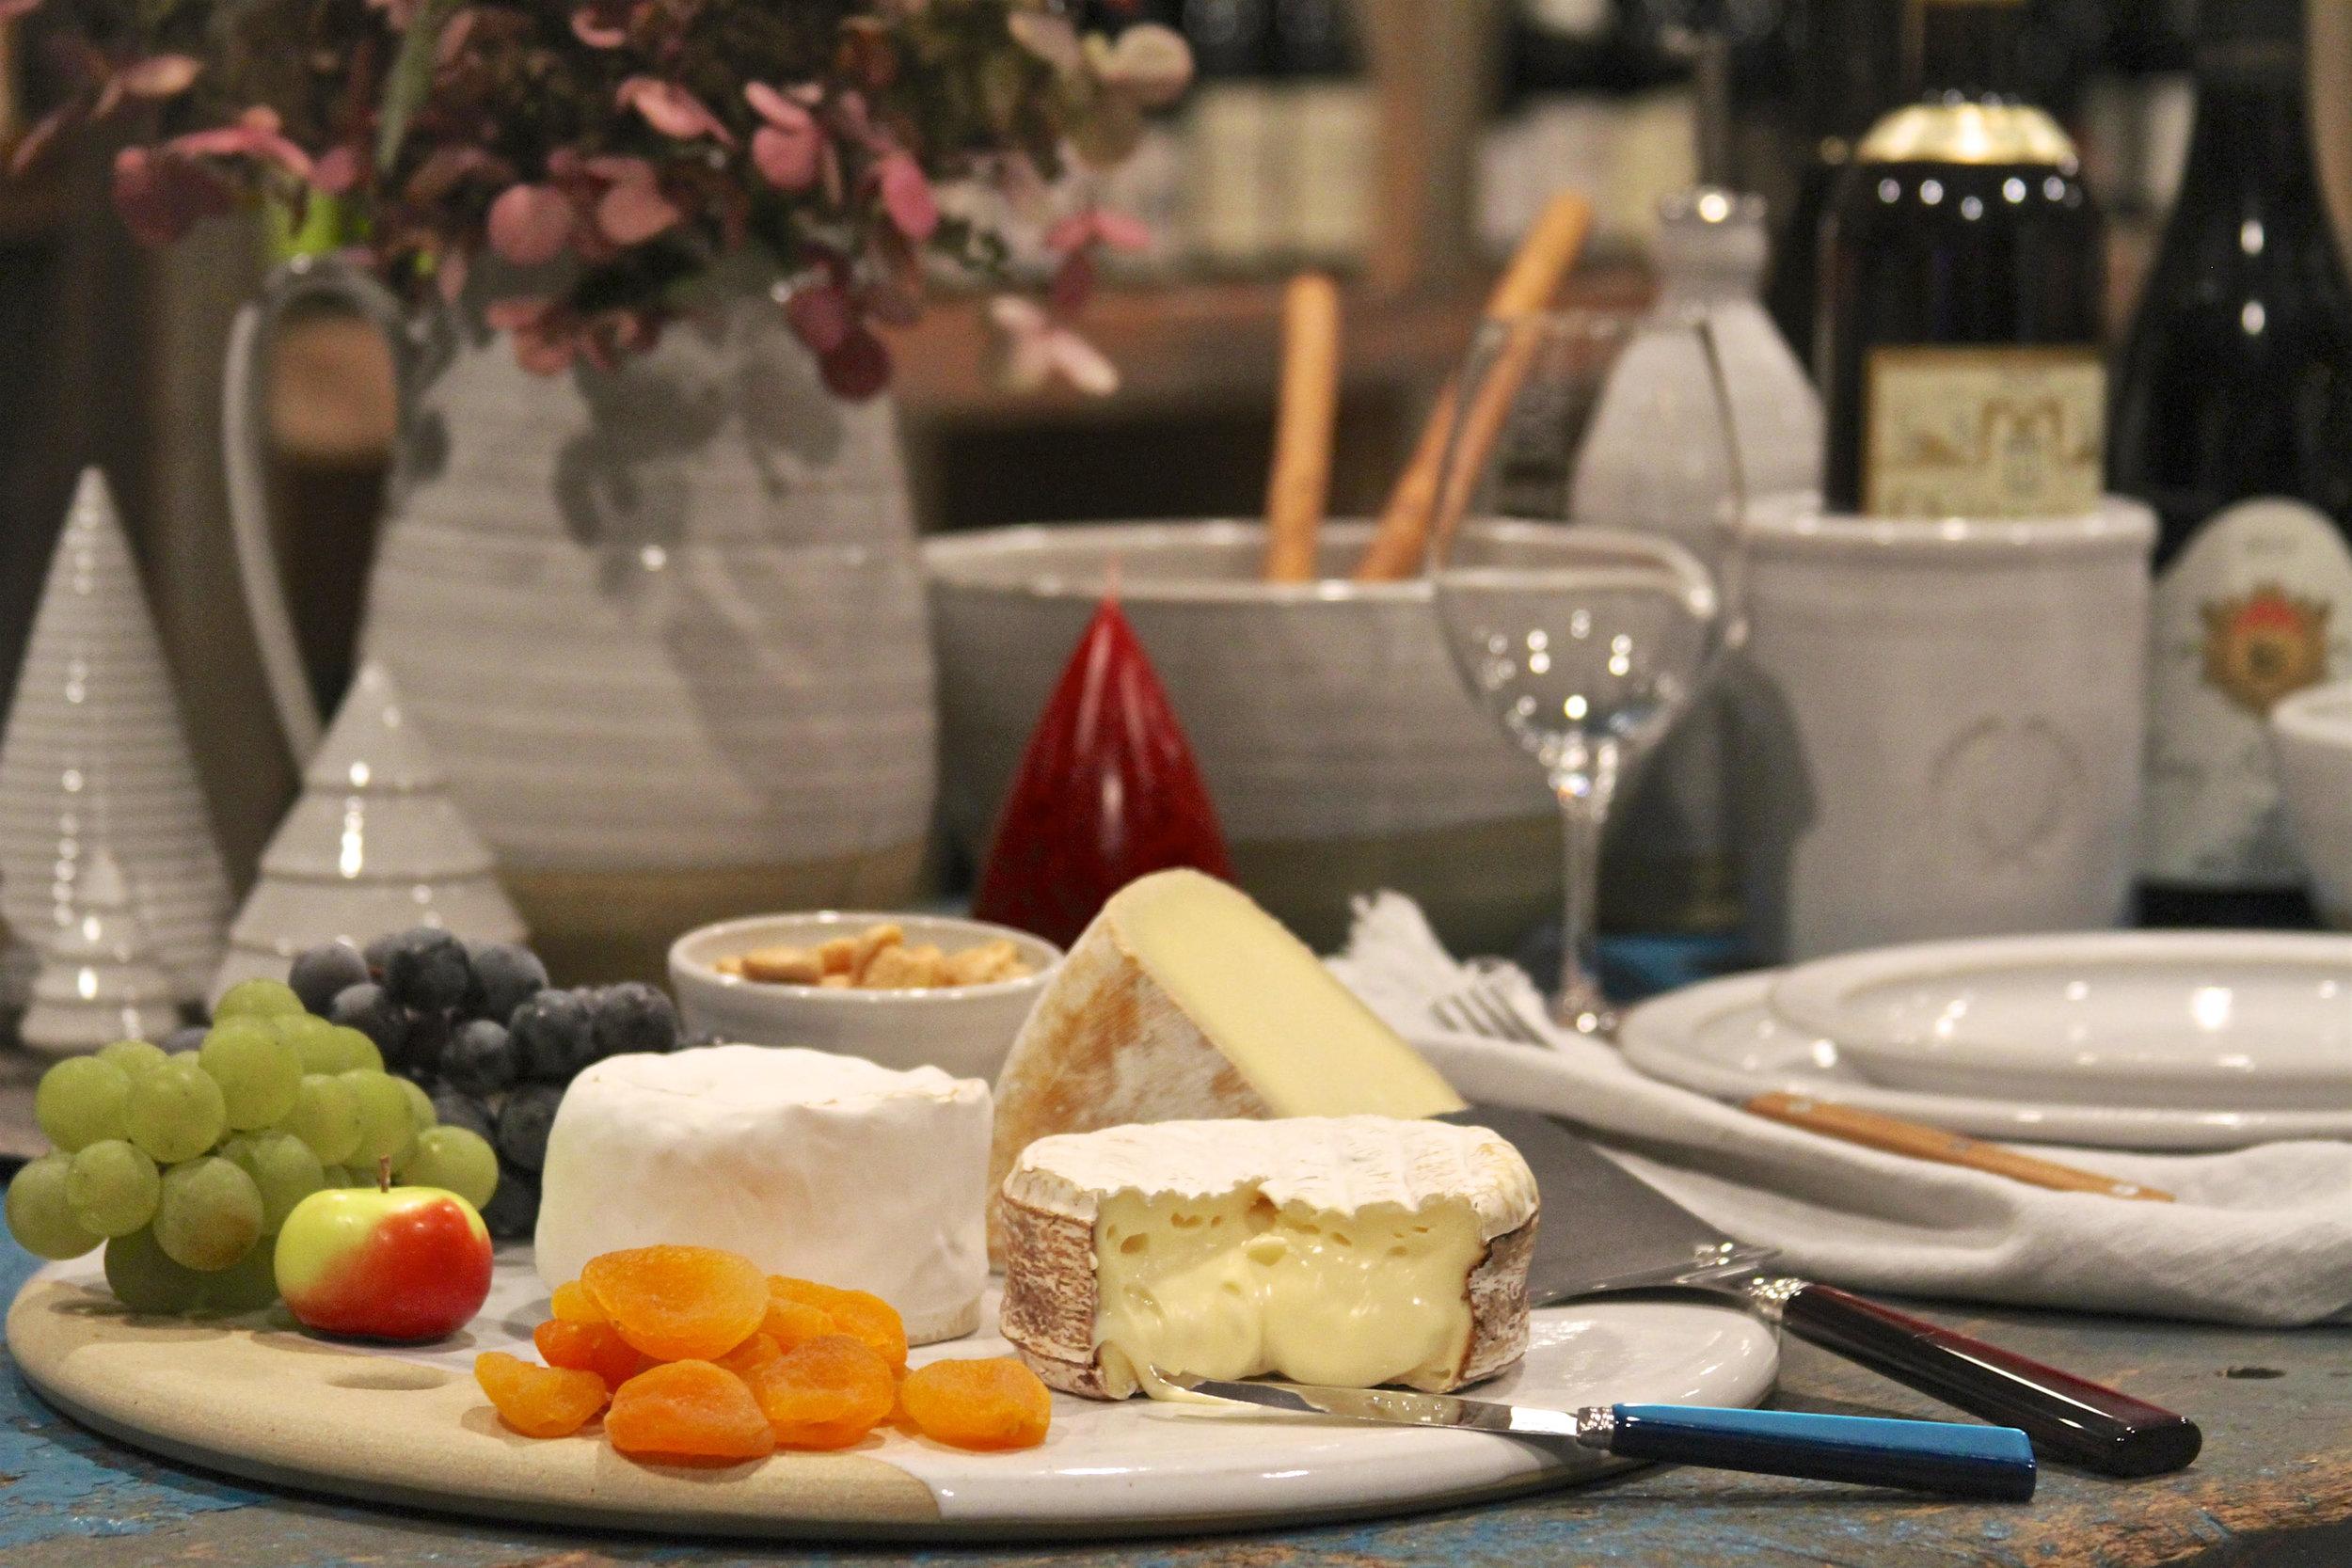 109_Cheese_Ridgefield_CT_Gift_Guice.jpg